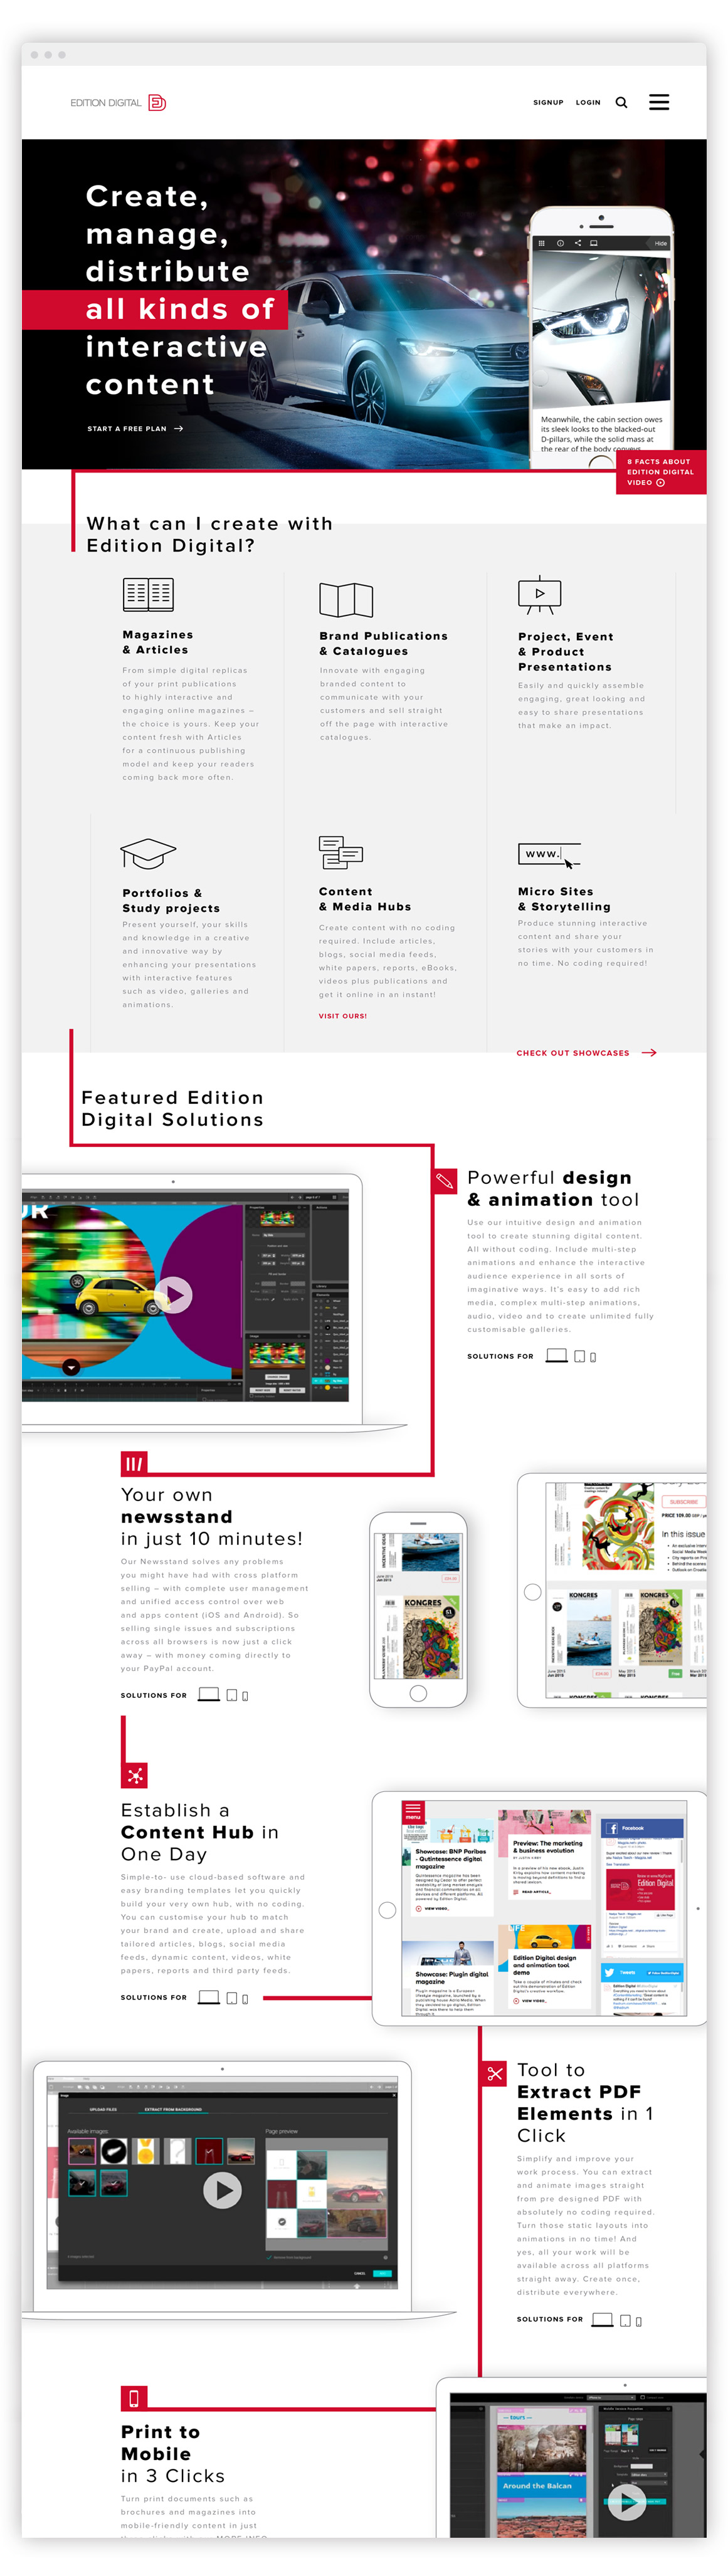 Edition Digital izdelava promocijske spletne strani